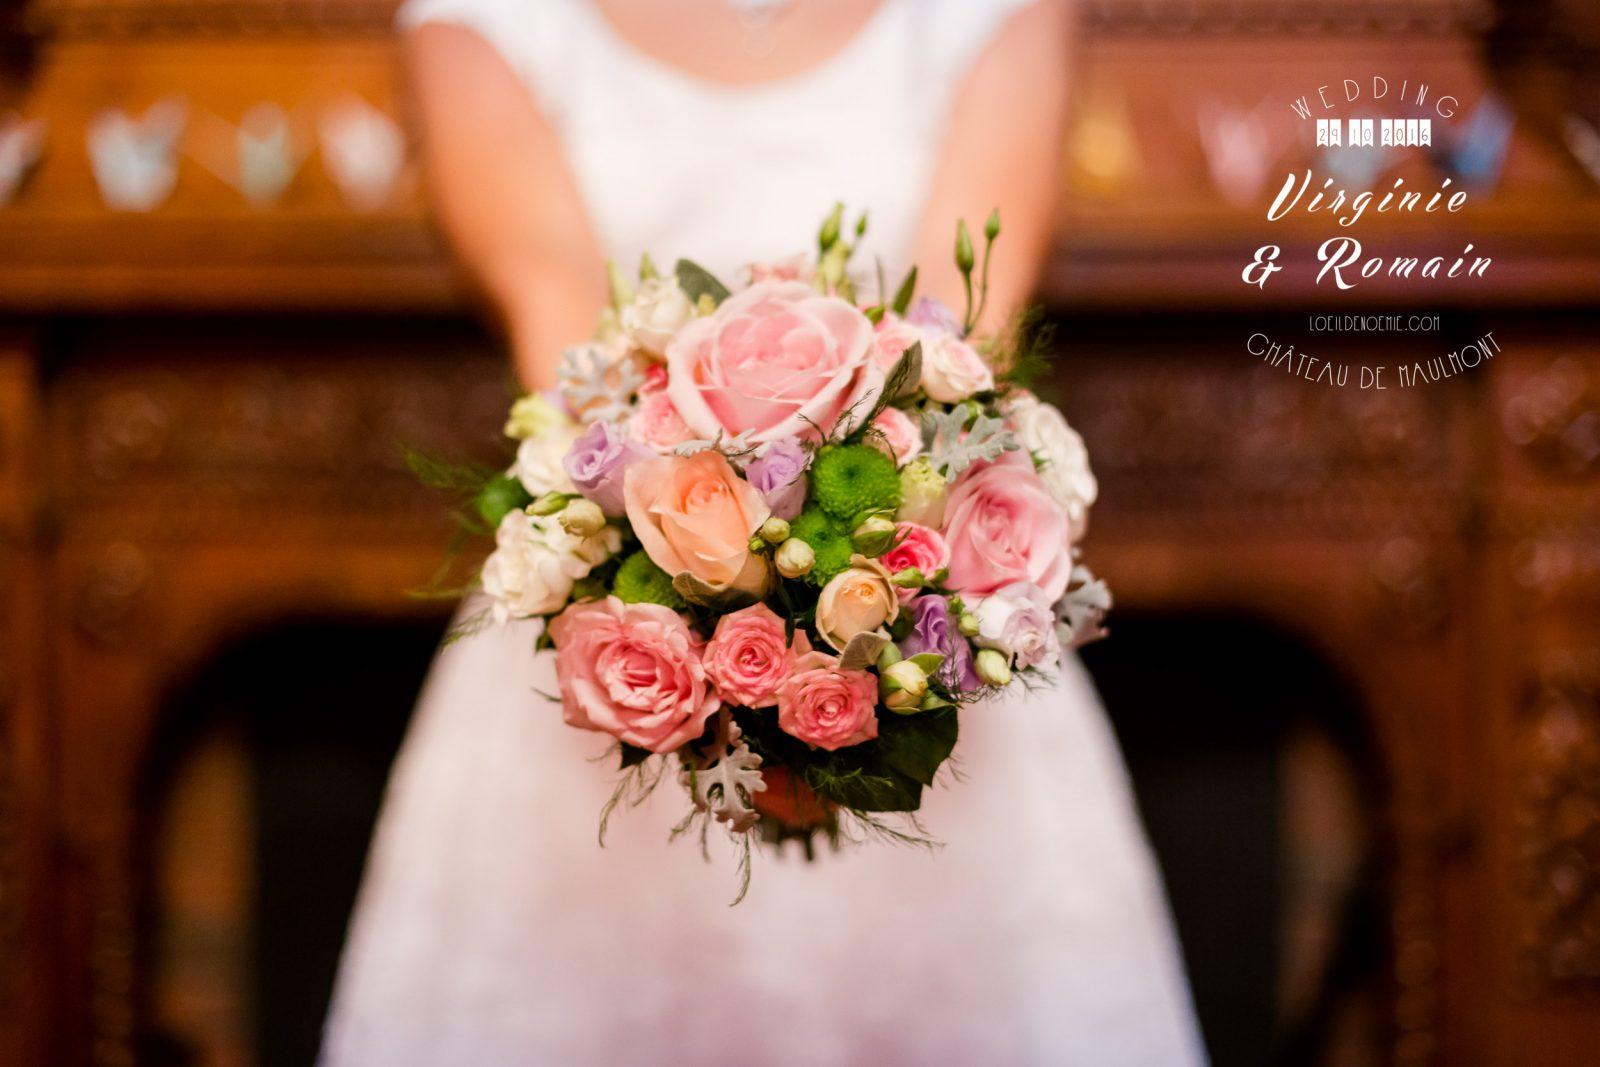 photo artistique bouquet de la mariée, oui je le veux, par L'oeil de Noémie photographe mariage clermont-ferrand en Auvergne